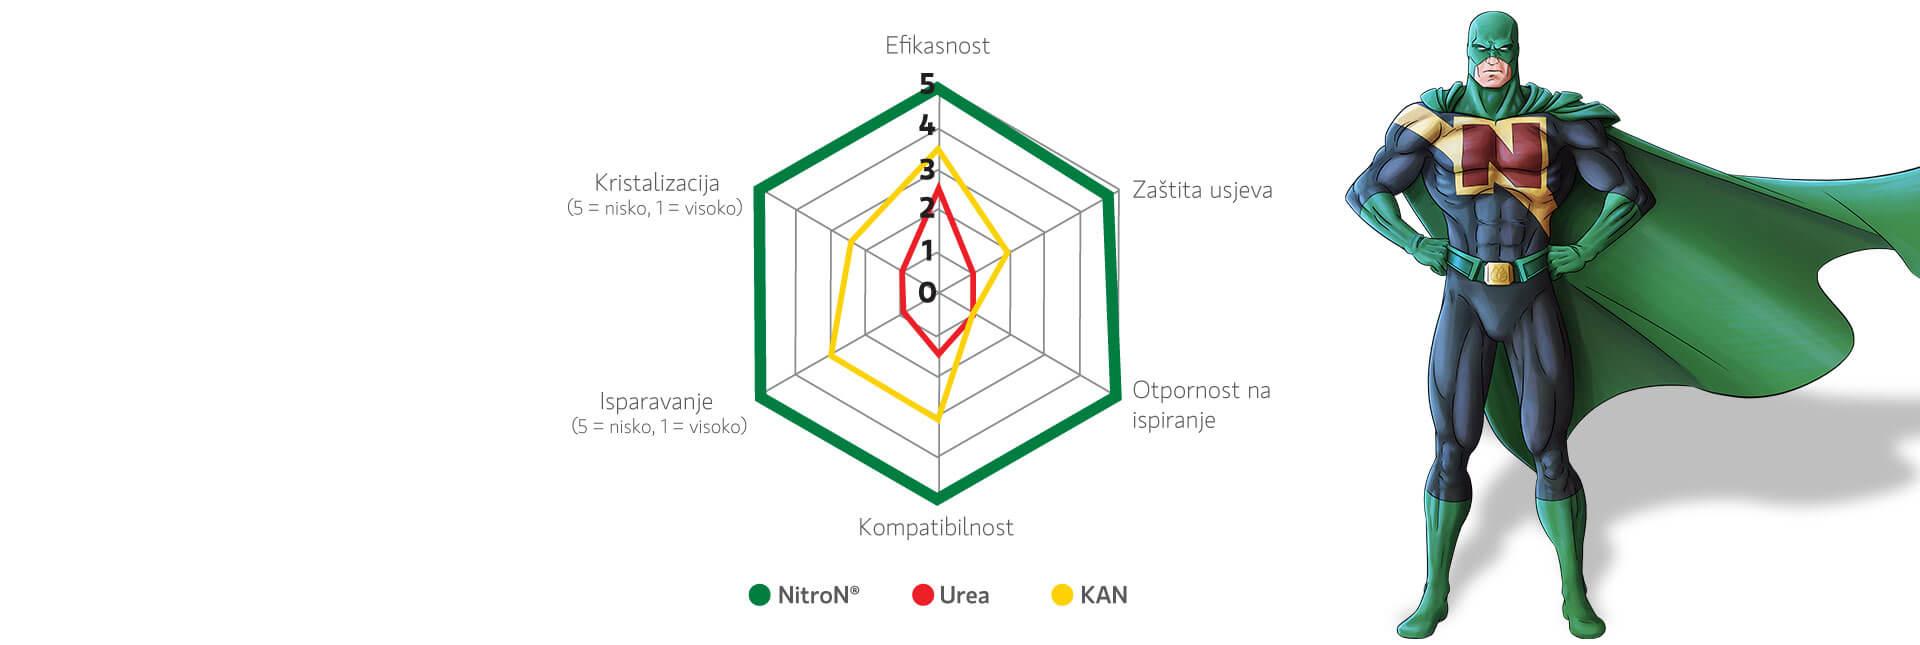 intertim_nitron_hr_grafikon_final